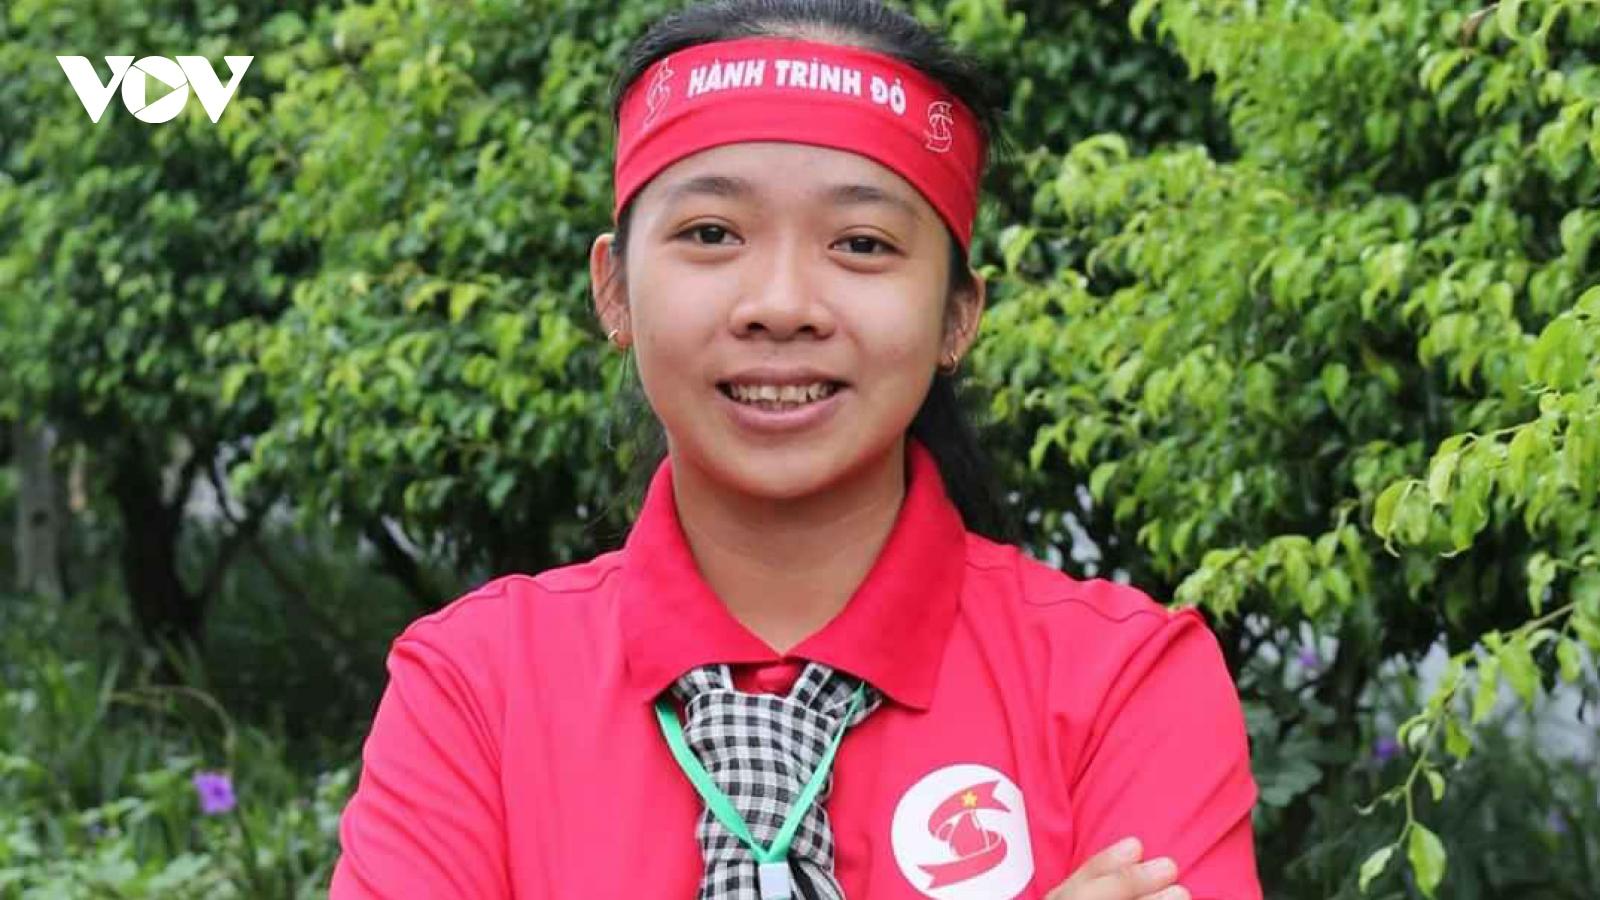 Chuyện nữ sinh viên18 lần hiến máu nhân đạo